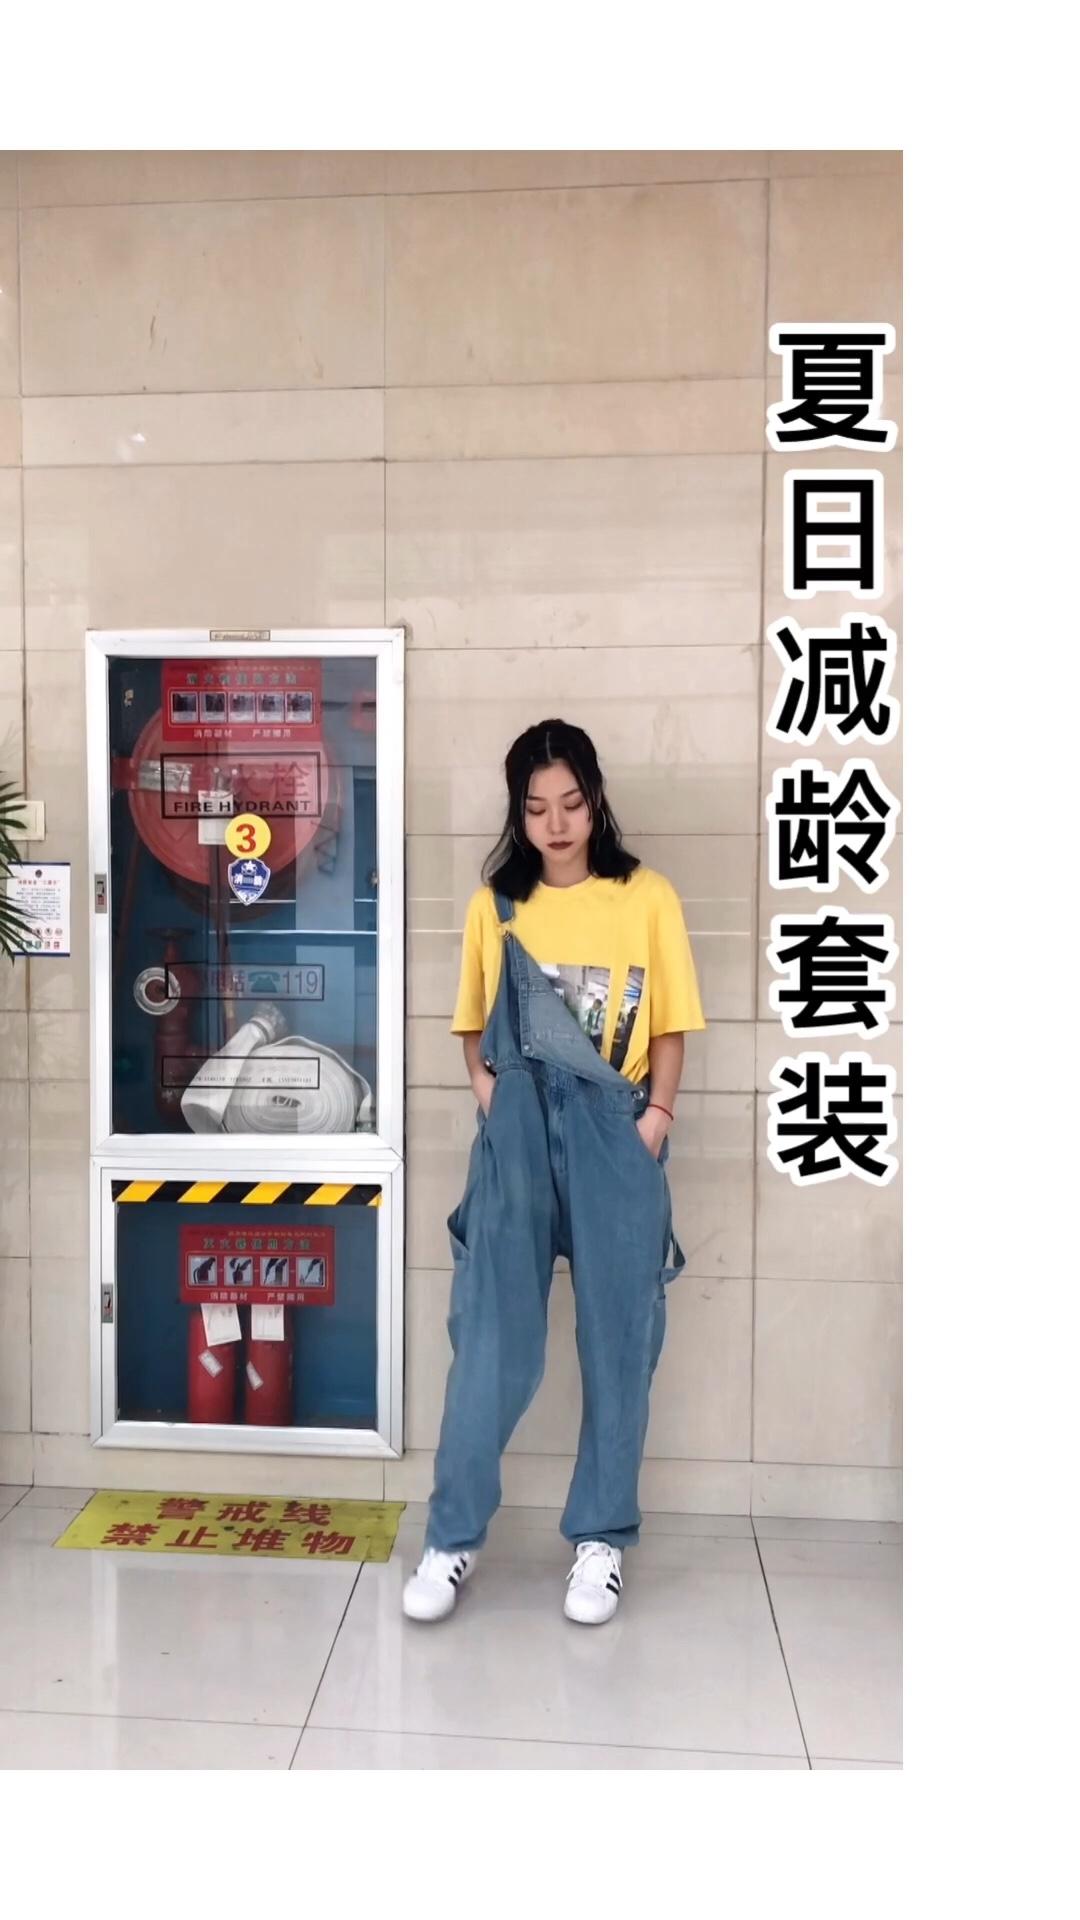 #成功减龄,做有故事的女同学# 炒鸡宽松的背带裤,180斤也可以穿得下!老友记同款,很复古!一条背带挂下,不用规整的全部背上,随意慵懒。黄色+蓝色亮色入夏,减龄效果明显!